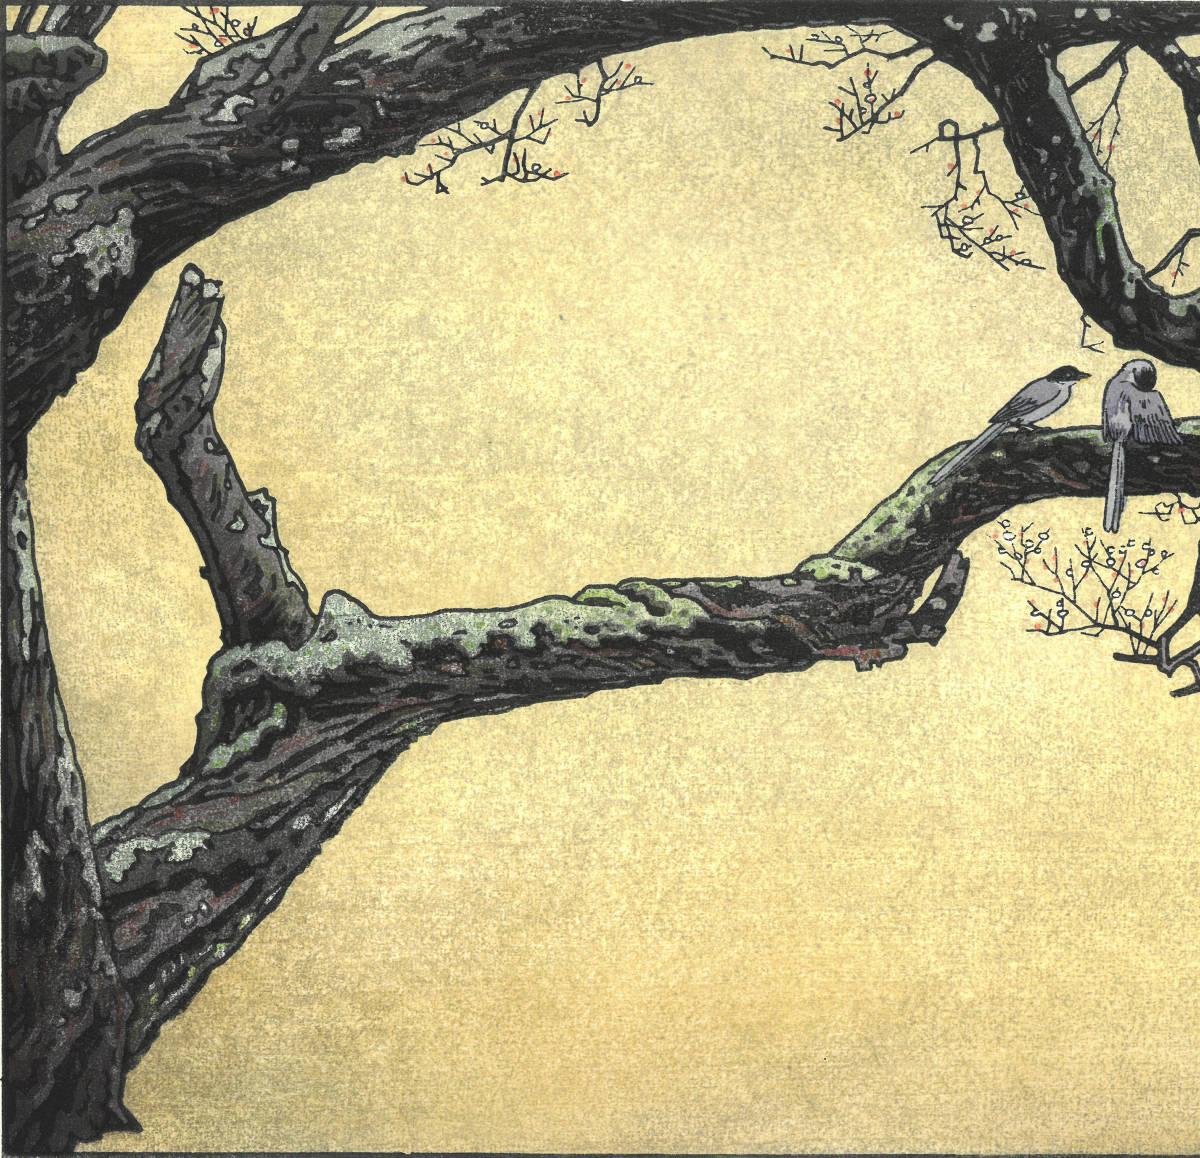 吉田遠志 木版画 015106 数珠かけの梅 (Plum tree & Blue Magpie) 初摺1951年  最高峰の摺師の技をご堪能下さい!!_画像6